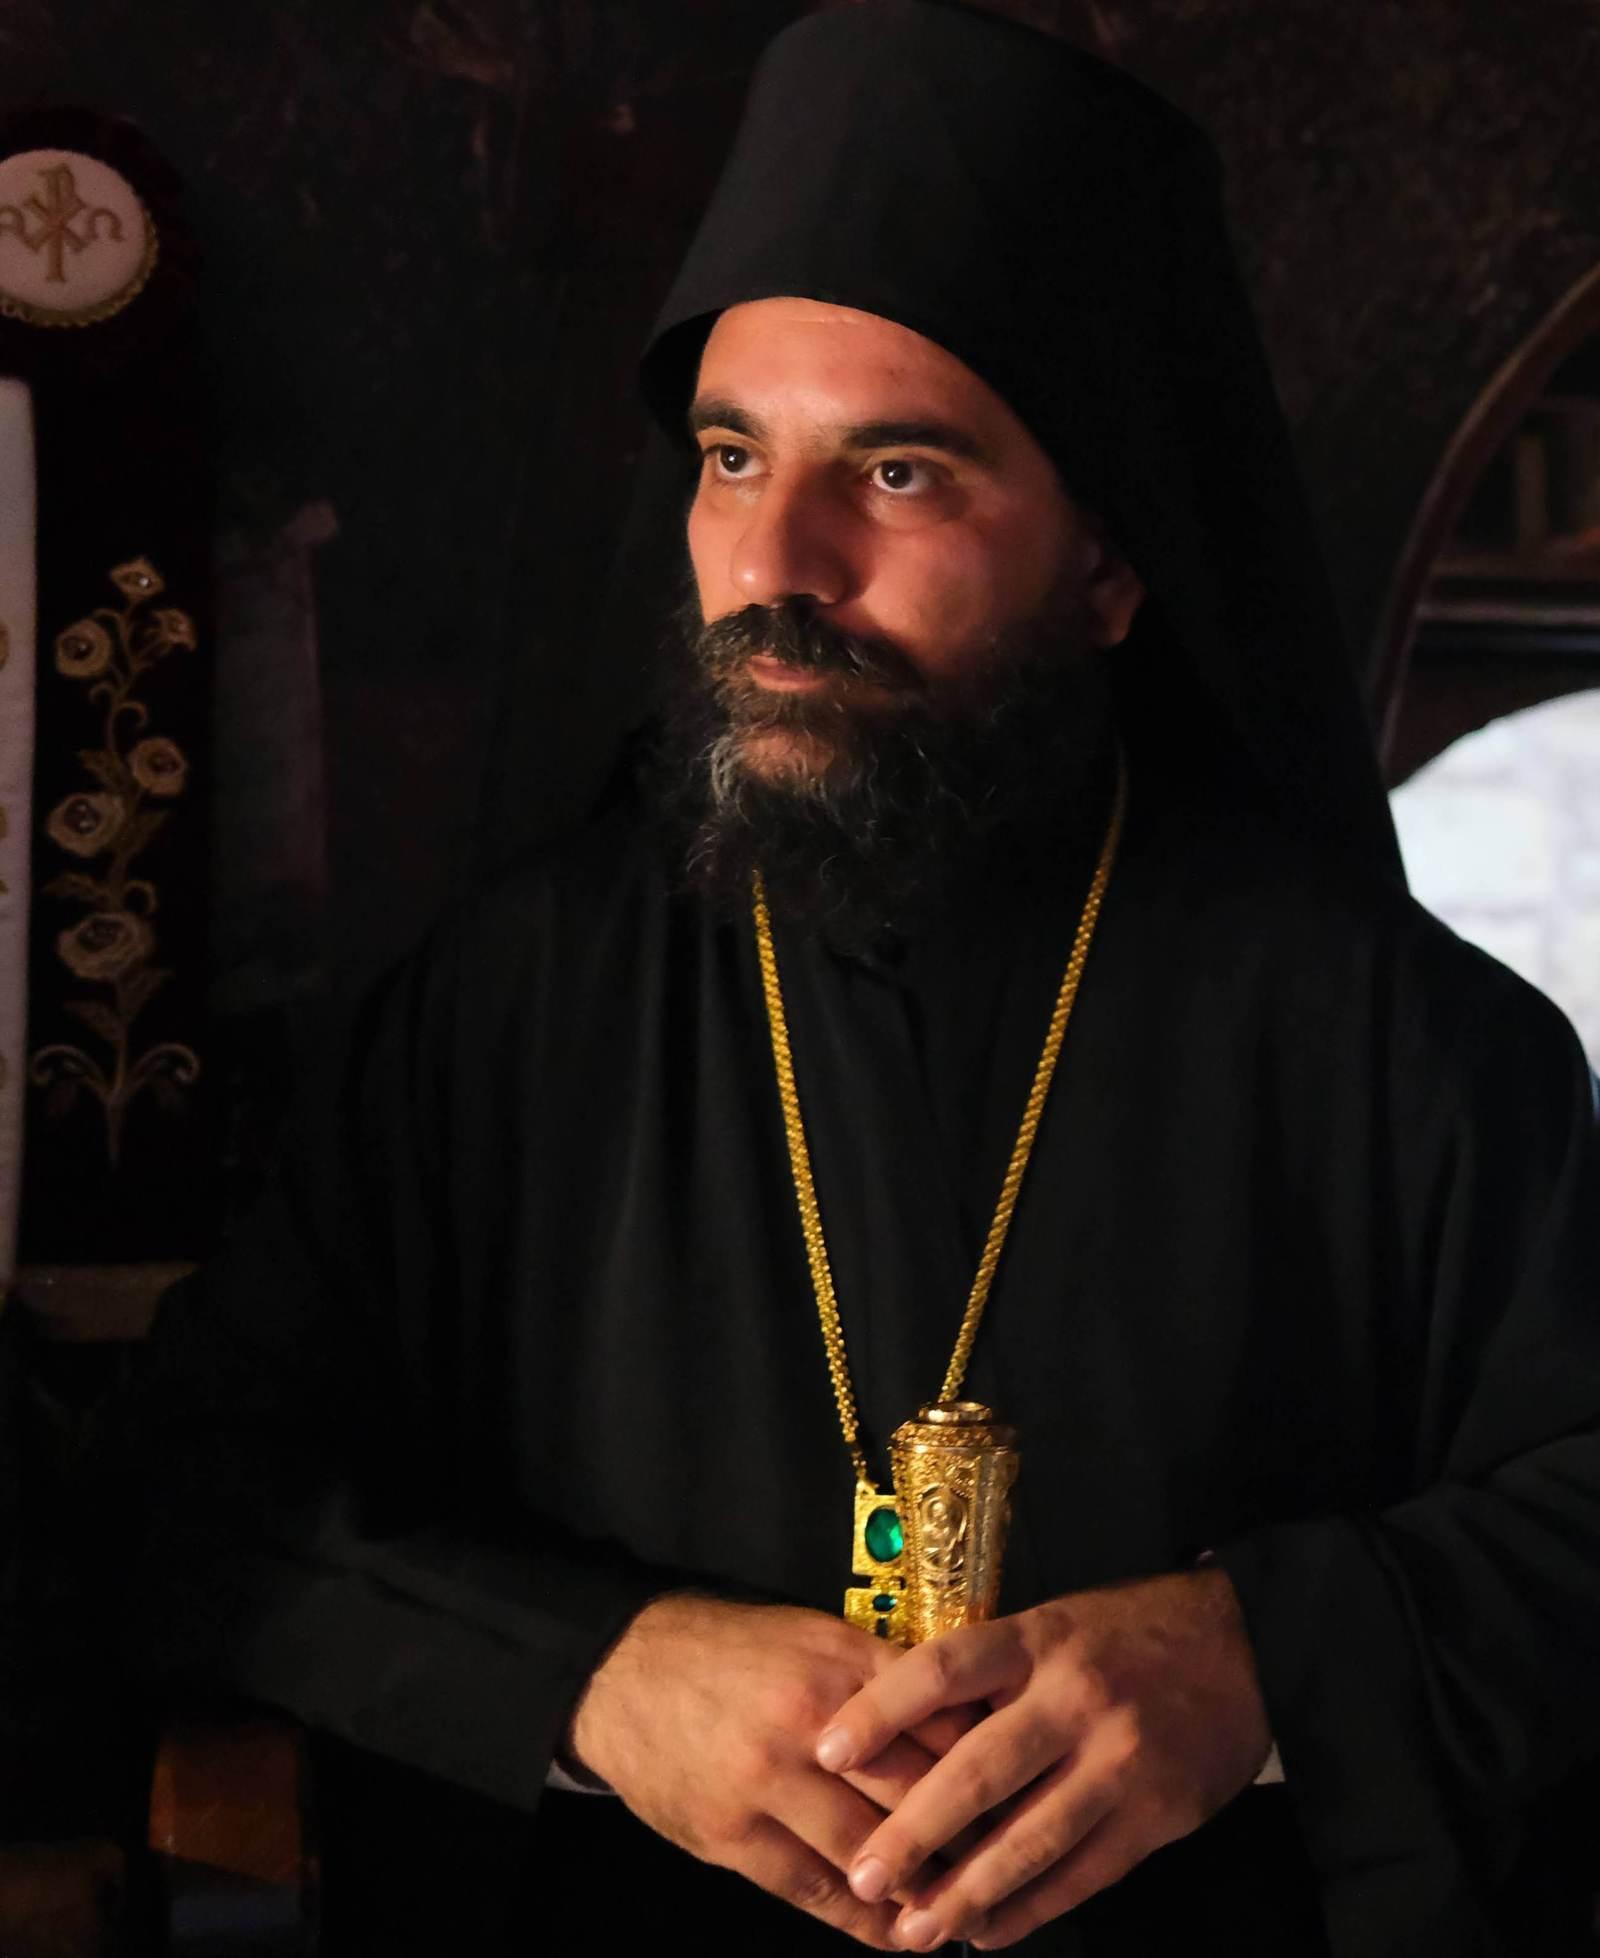 DSCF7613  - Ο Επίσκοπος Μελιτηνής στην Ι. Μονή Παναγίας Πελεκητής